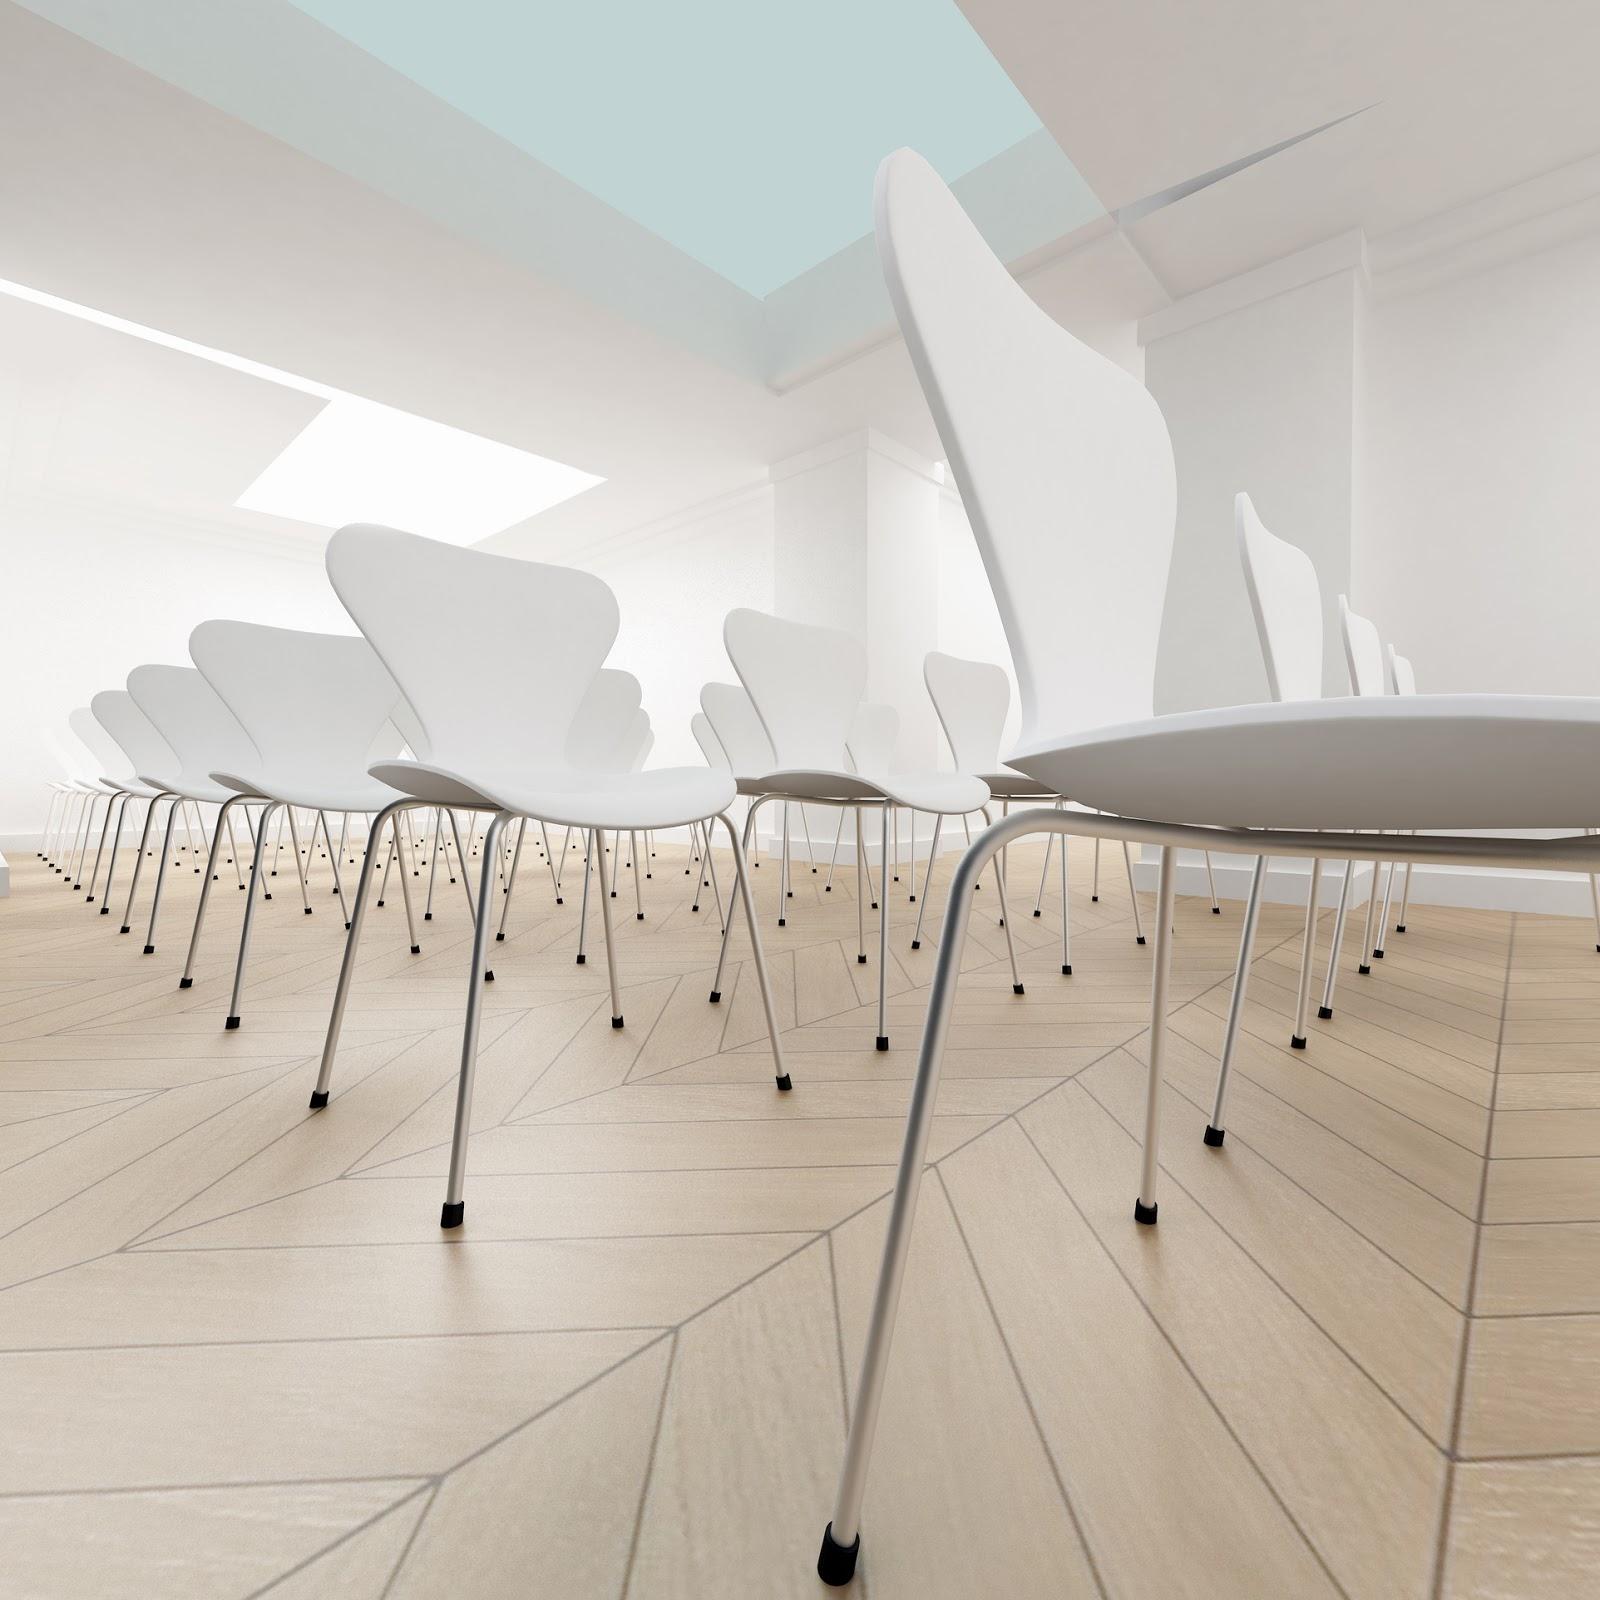 Oficinas virtuales realidad o ficci n for Su oficina virtual